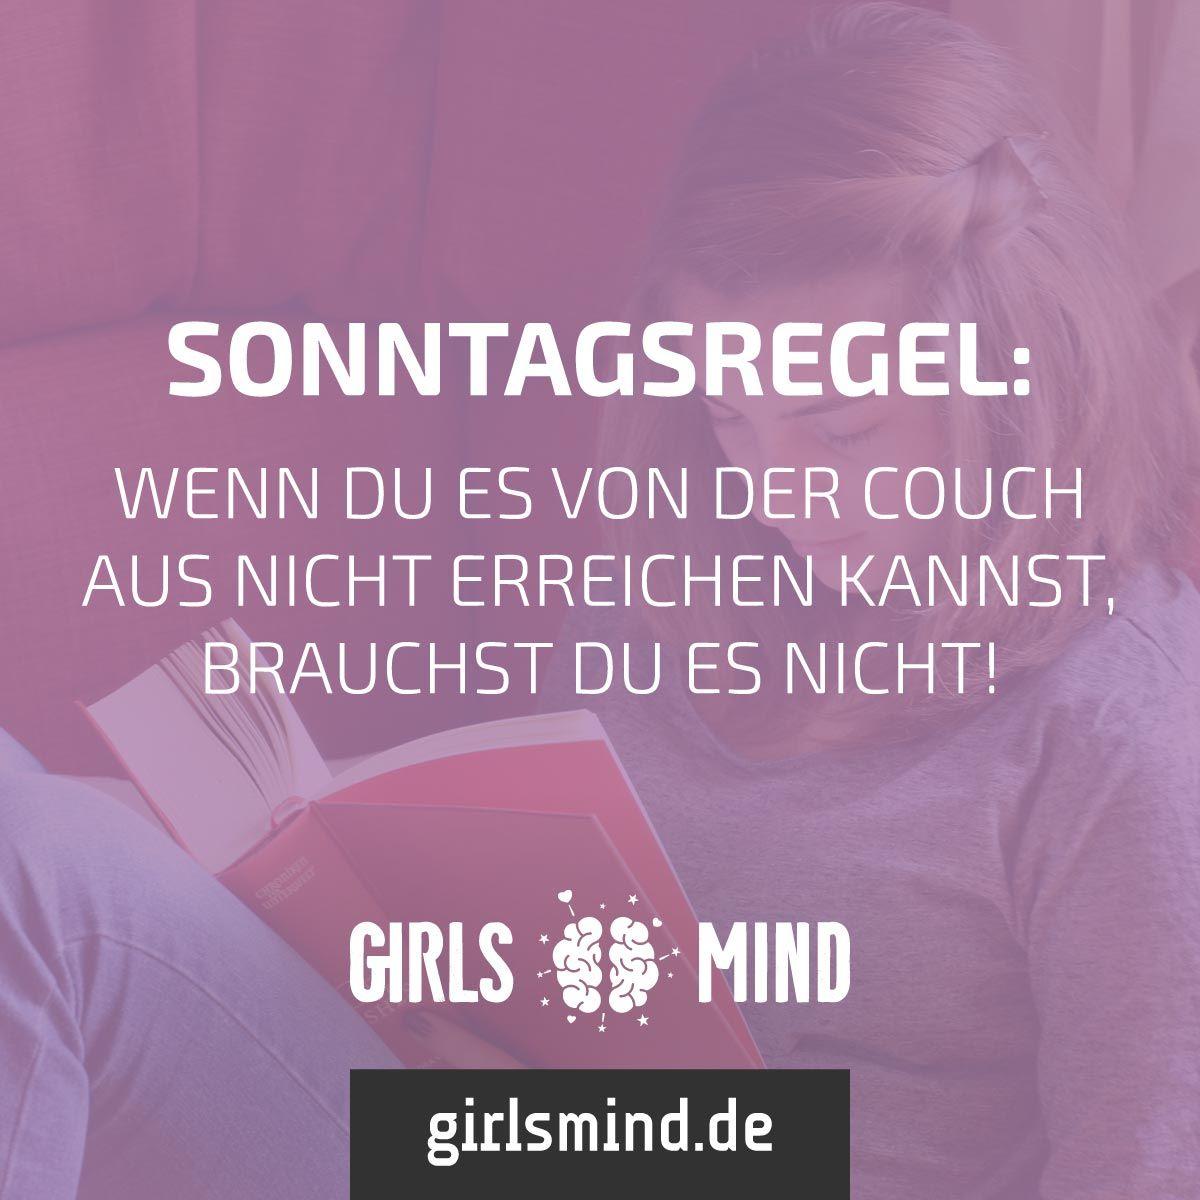 sprüche sonntag Einen schönen Sonntag Mädels! Mehr Sprüche auf: .girlsmind.de  sprüche sonntag